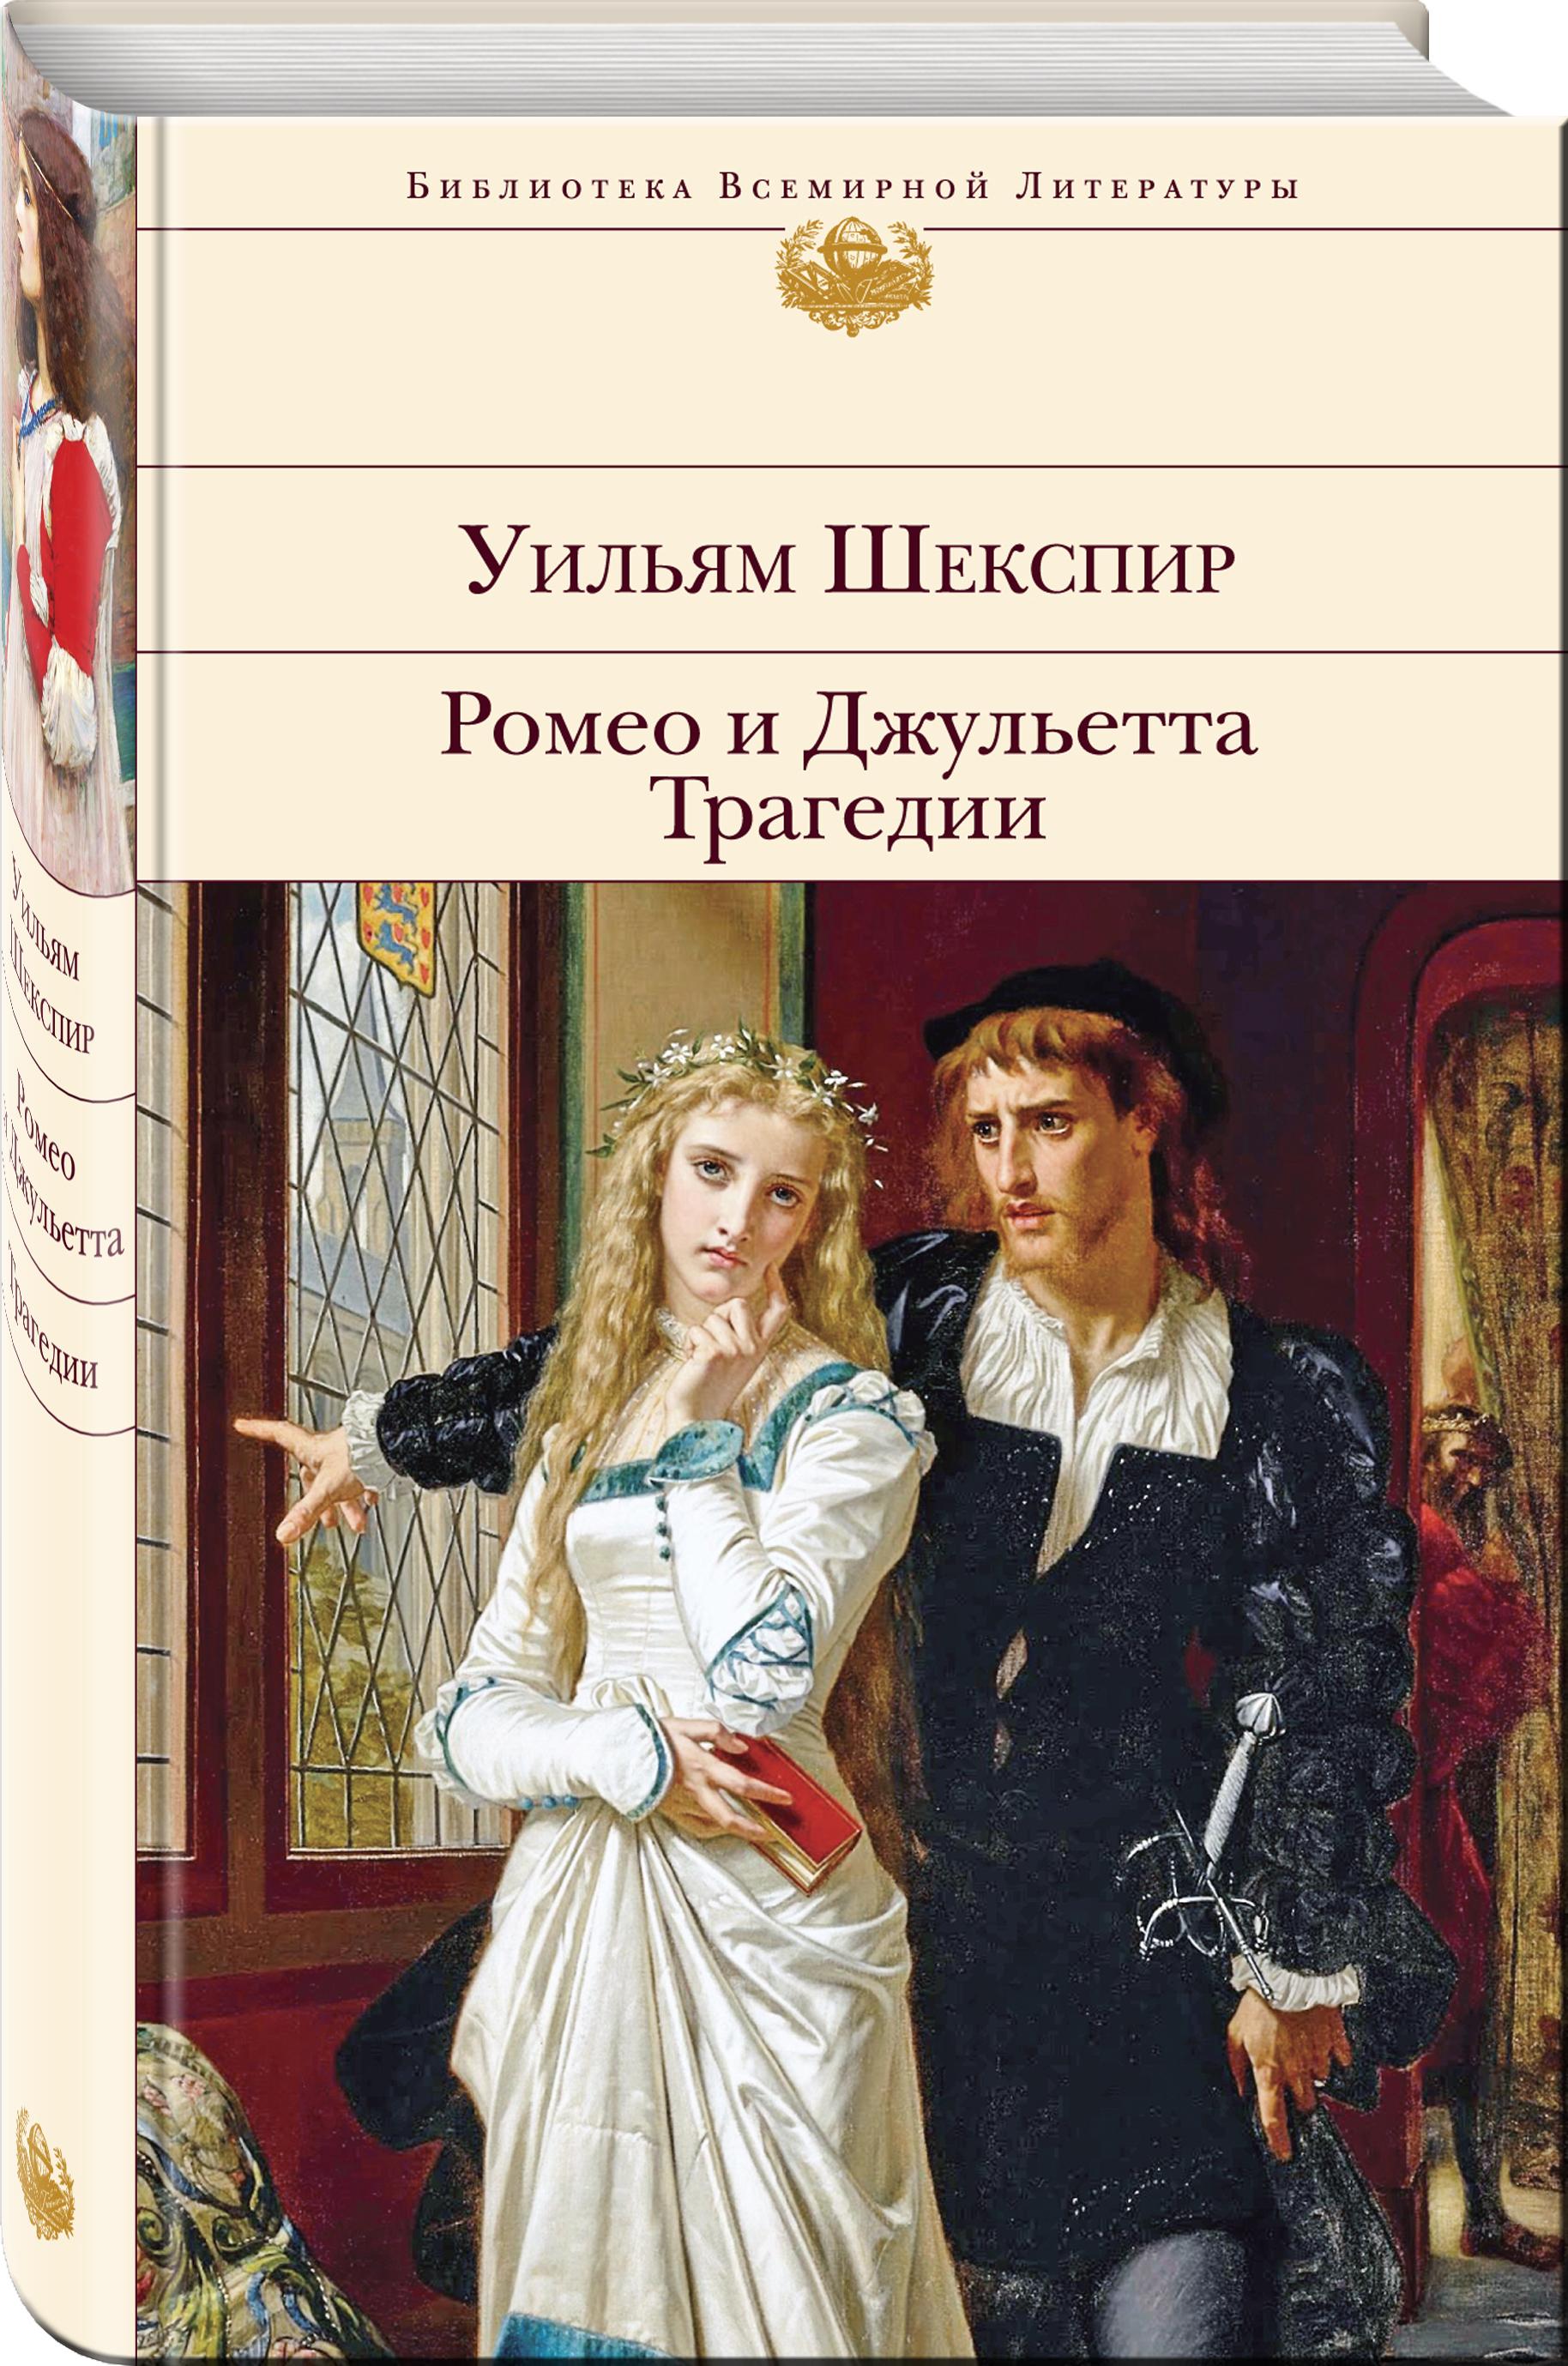 Уильям Шекспир Ромео и Джульетта. Трагедии шекспир уильям ромео и джульетта трагедии